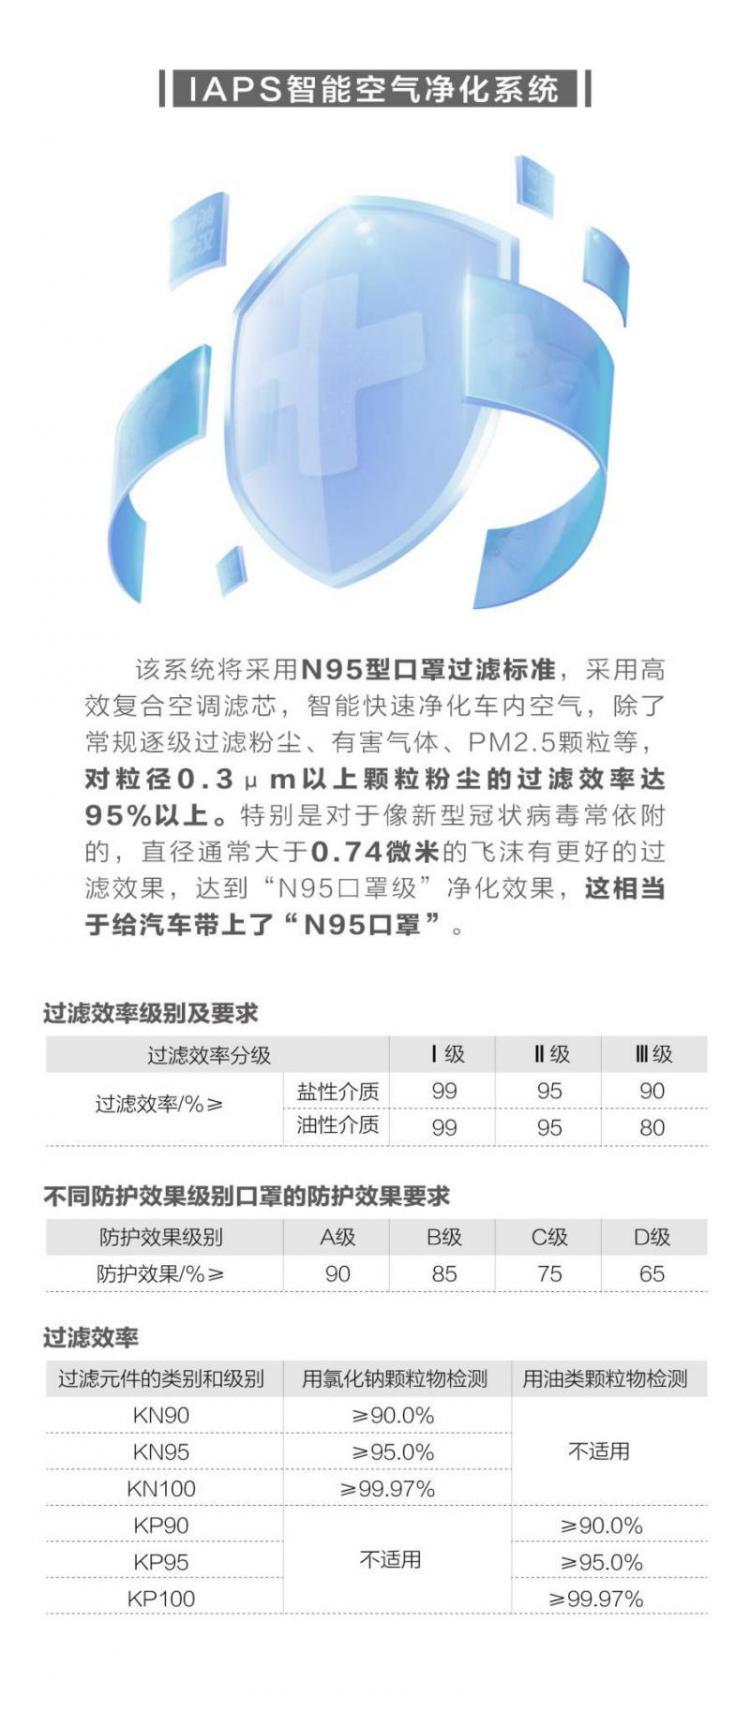 """好消息!吉利汽车将为全国吉利车主免费更换""""CN95空滤""""-汽车氪"""